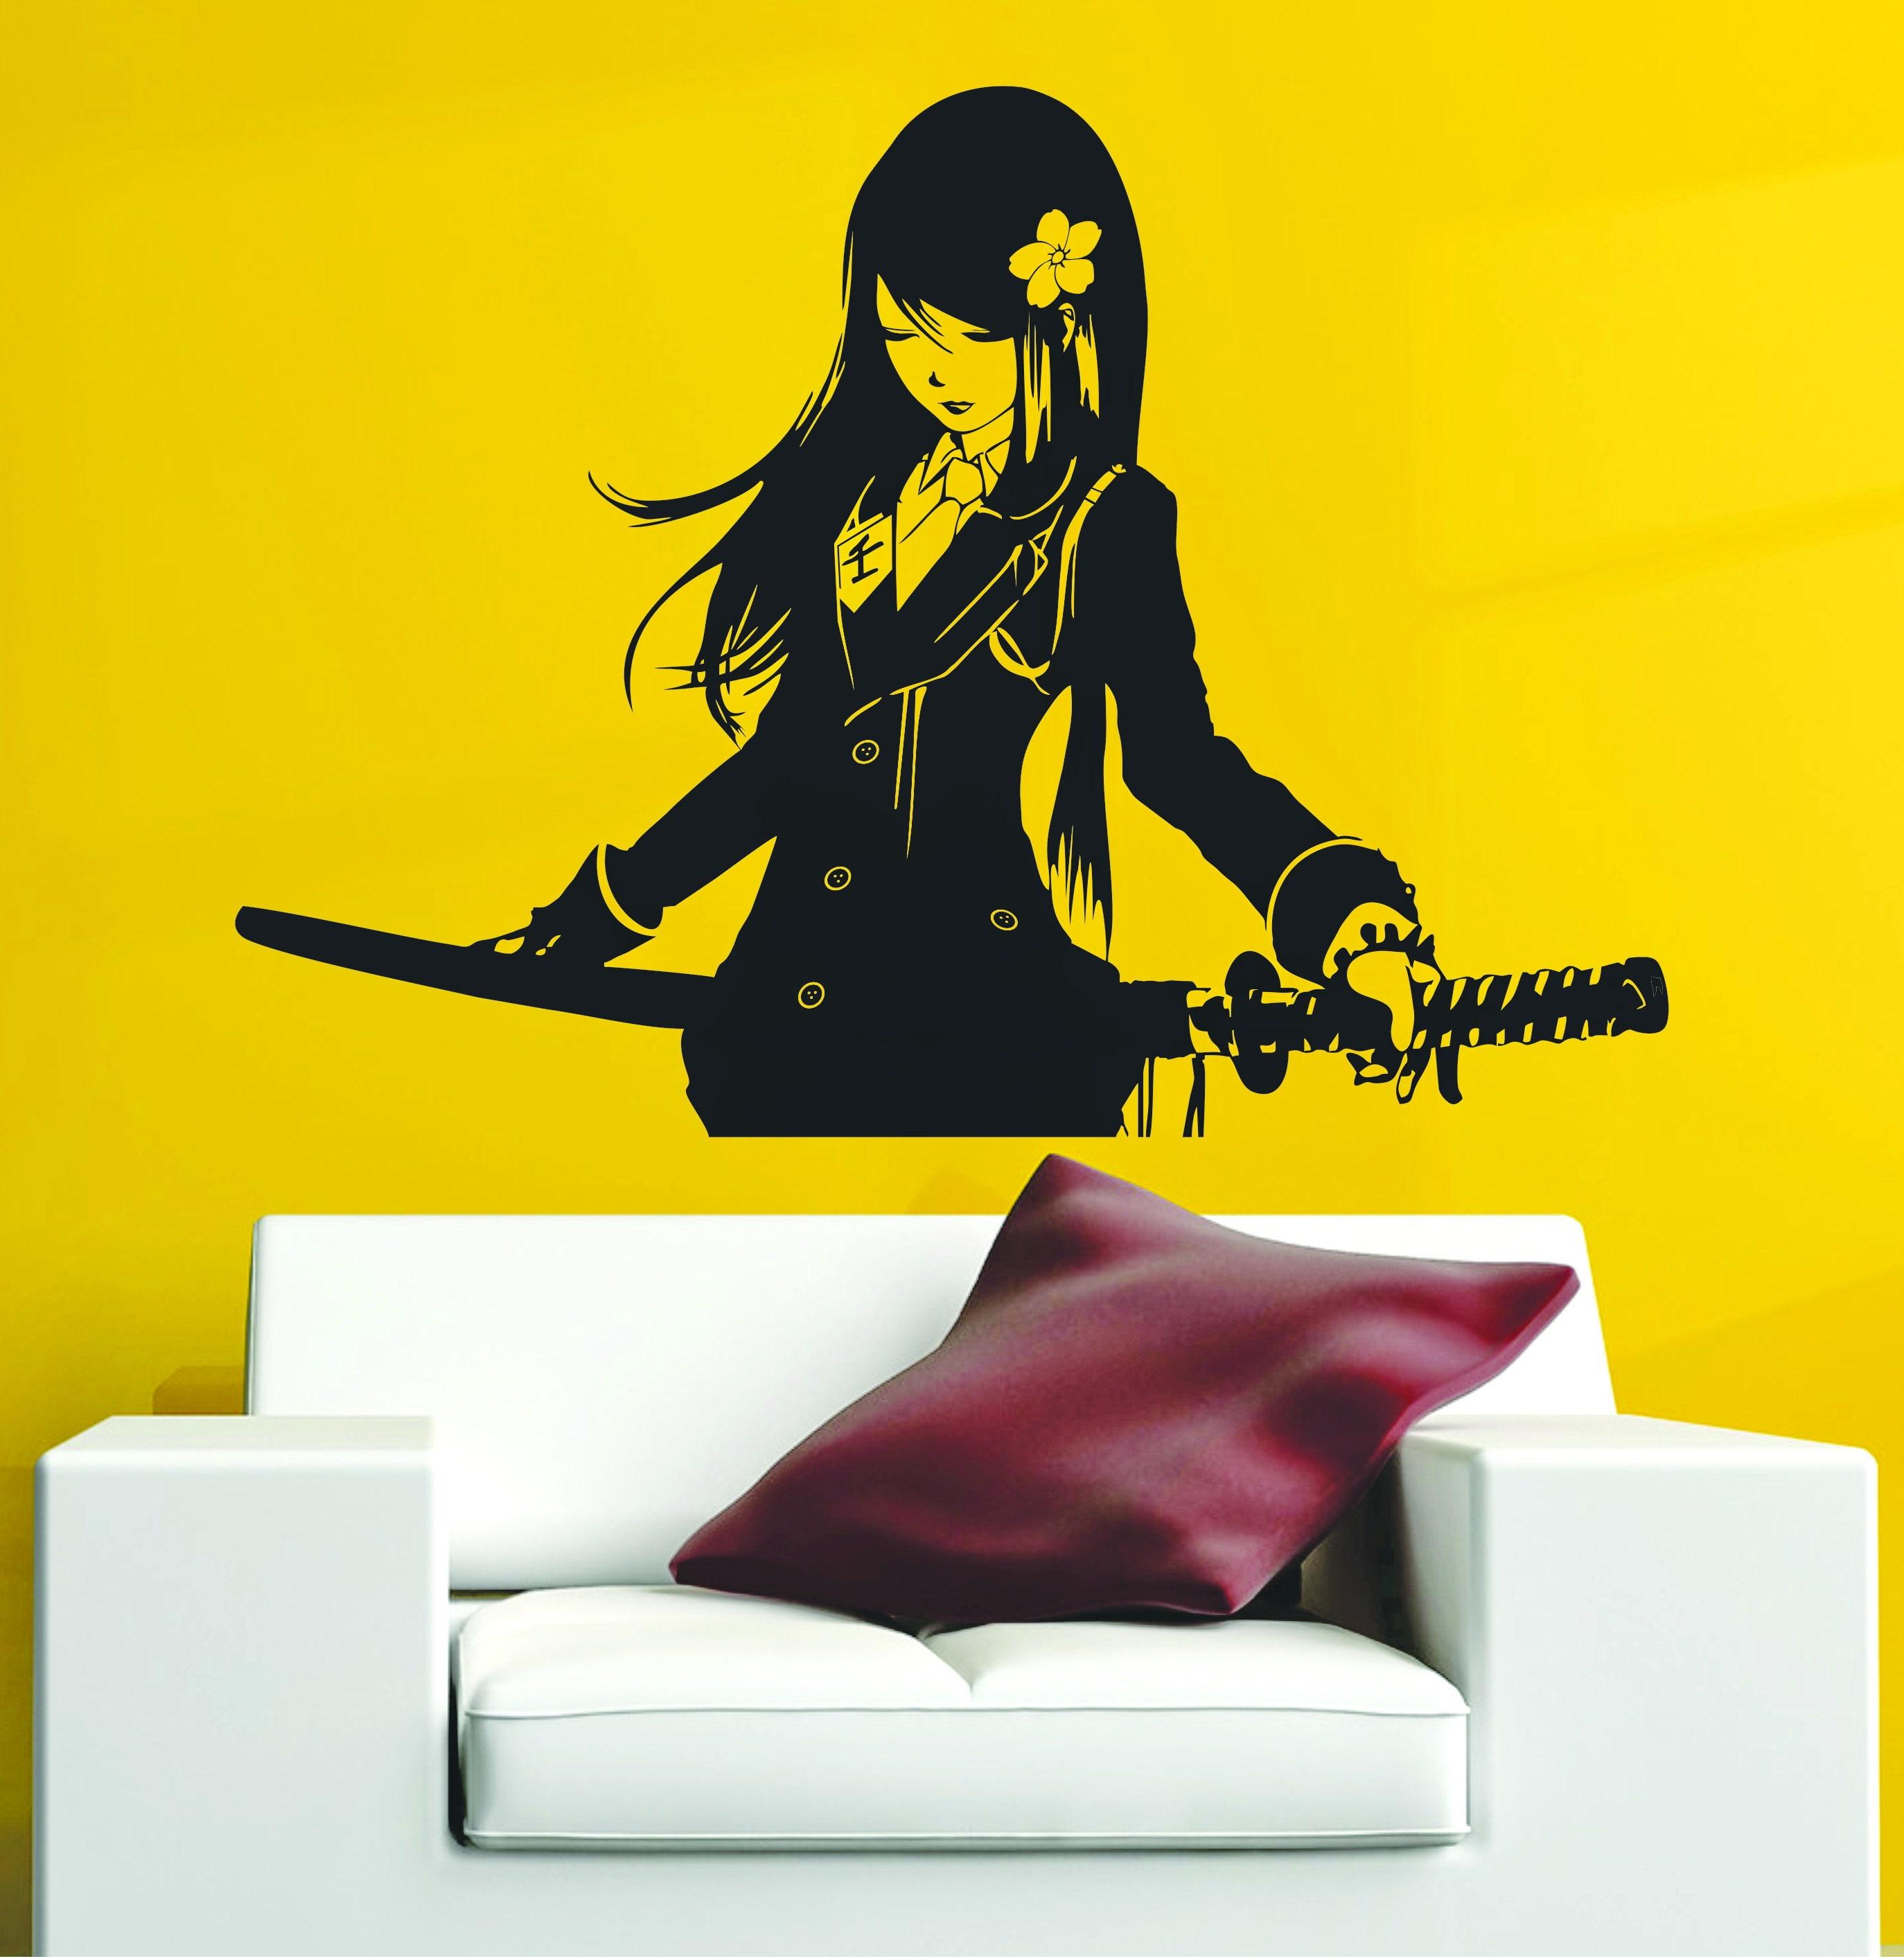 Samurai Schoolgirl Katana Japanese Akai Anime Vinyl Wall | Etsy